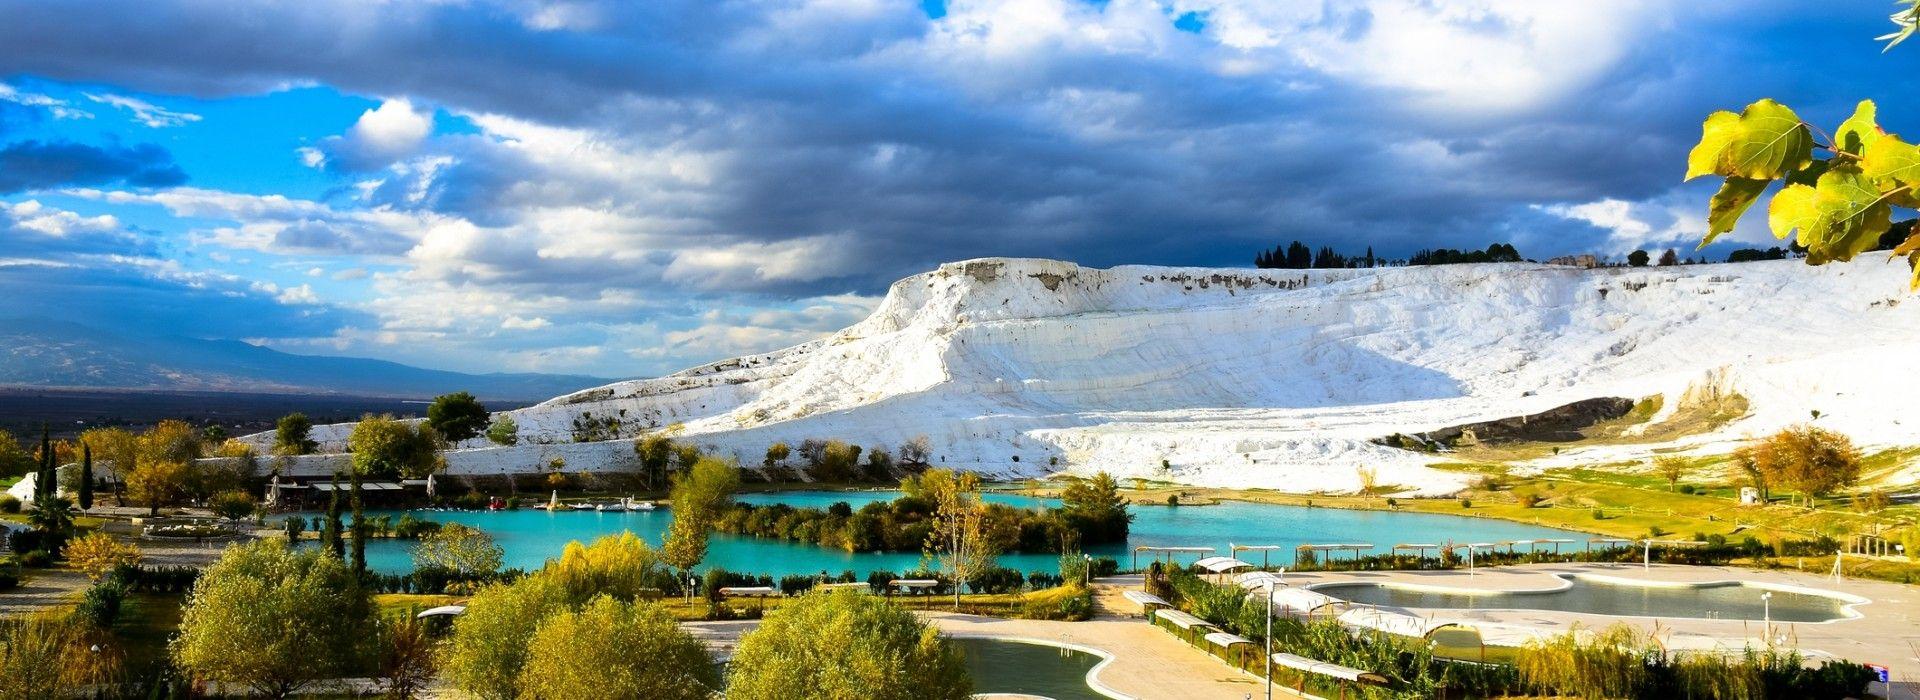 Cruise Tours in Fethiye